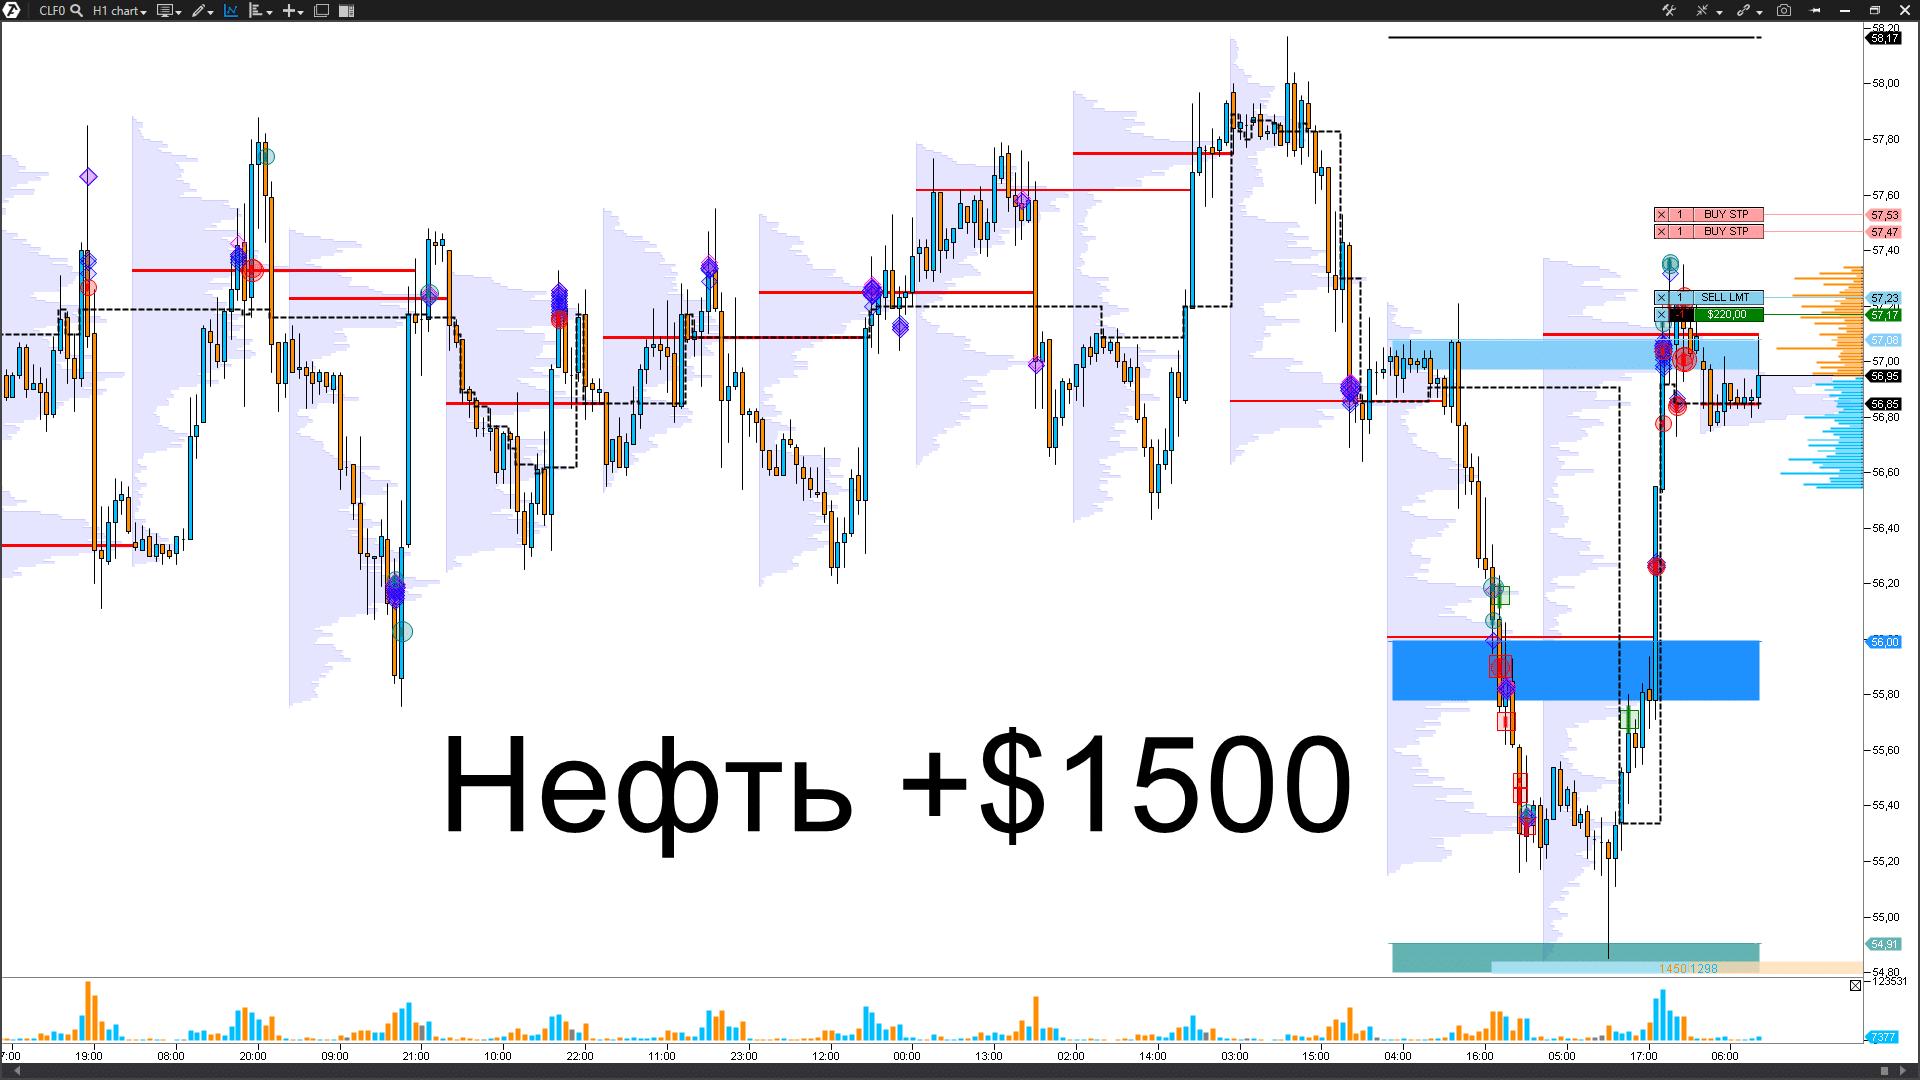 Нефть CL - ПРОДАЖИ. +$1500